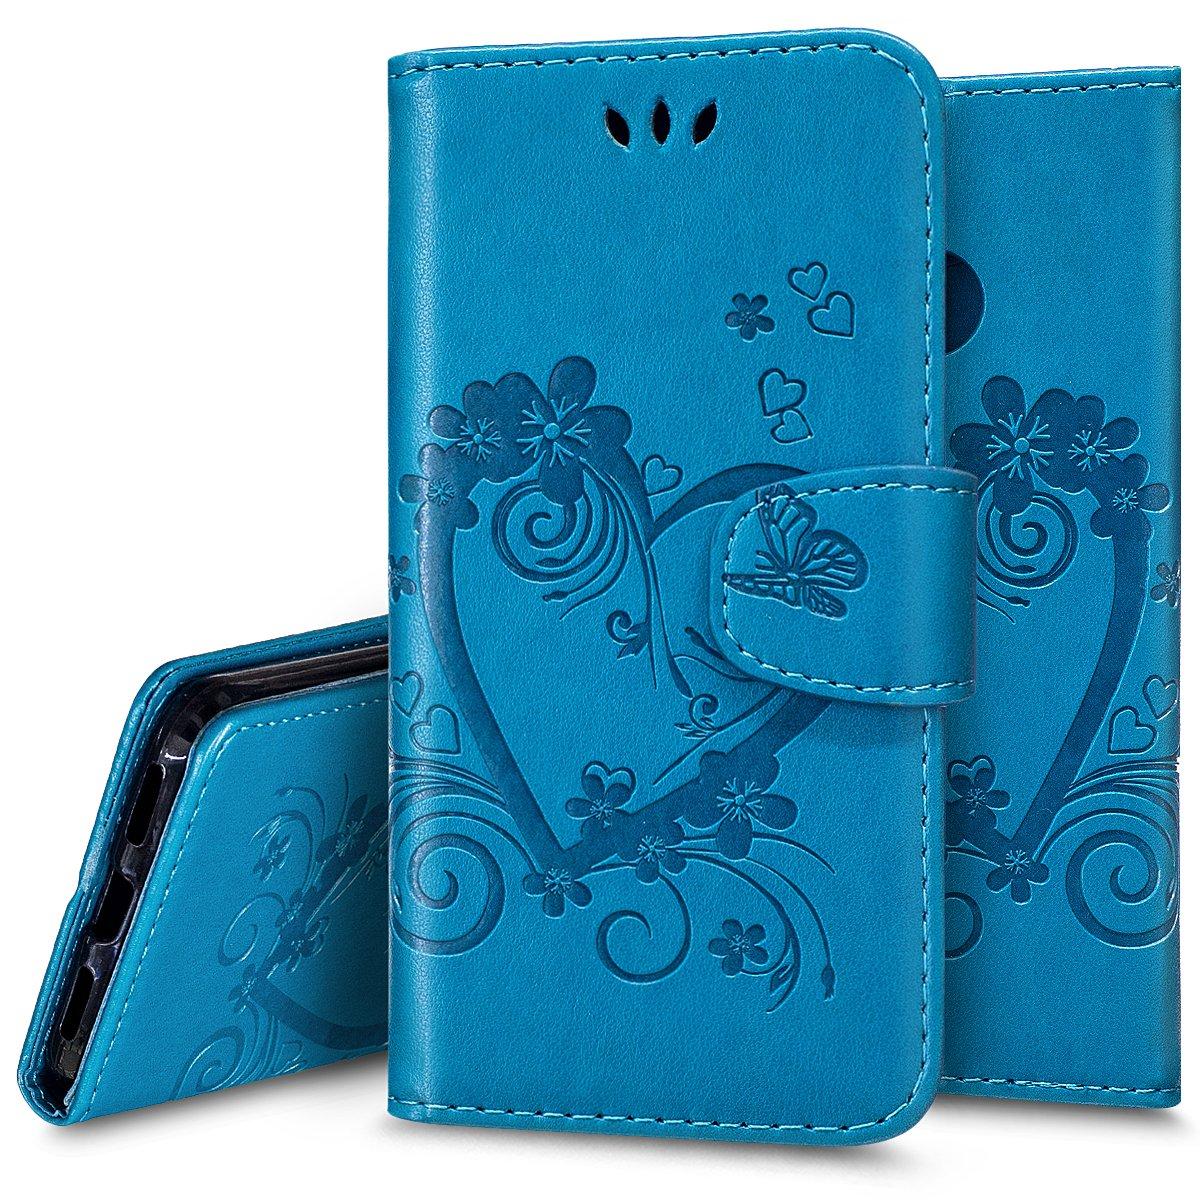 Custodia Case Cover per Huawei P8 lite 2017, Ukayfe Luxury Puro Colore Modello Goffratura Amare Cristallo 3D Design Bumper Slim Folio Protectiva Lussuosa Custodia Cover per Huawei P8 lite 2017, [PU Leather] [Shock-Absorption] Portafoglio Cover Custodia con